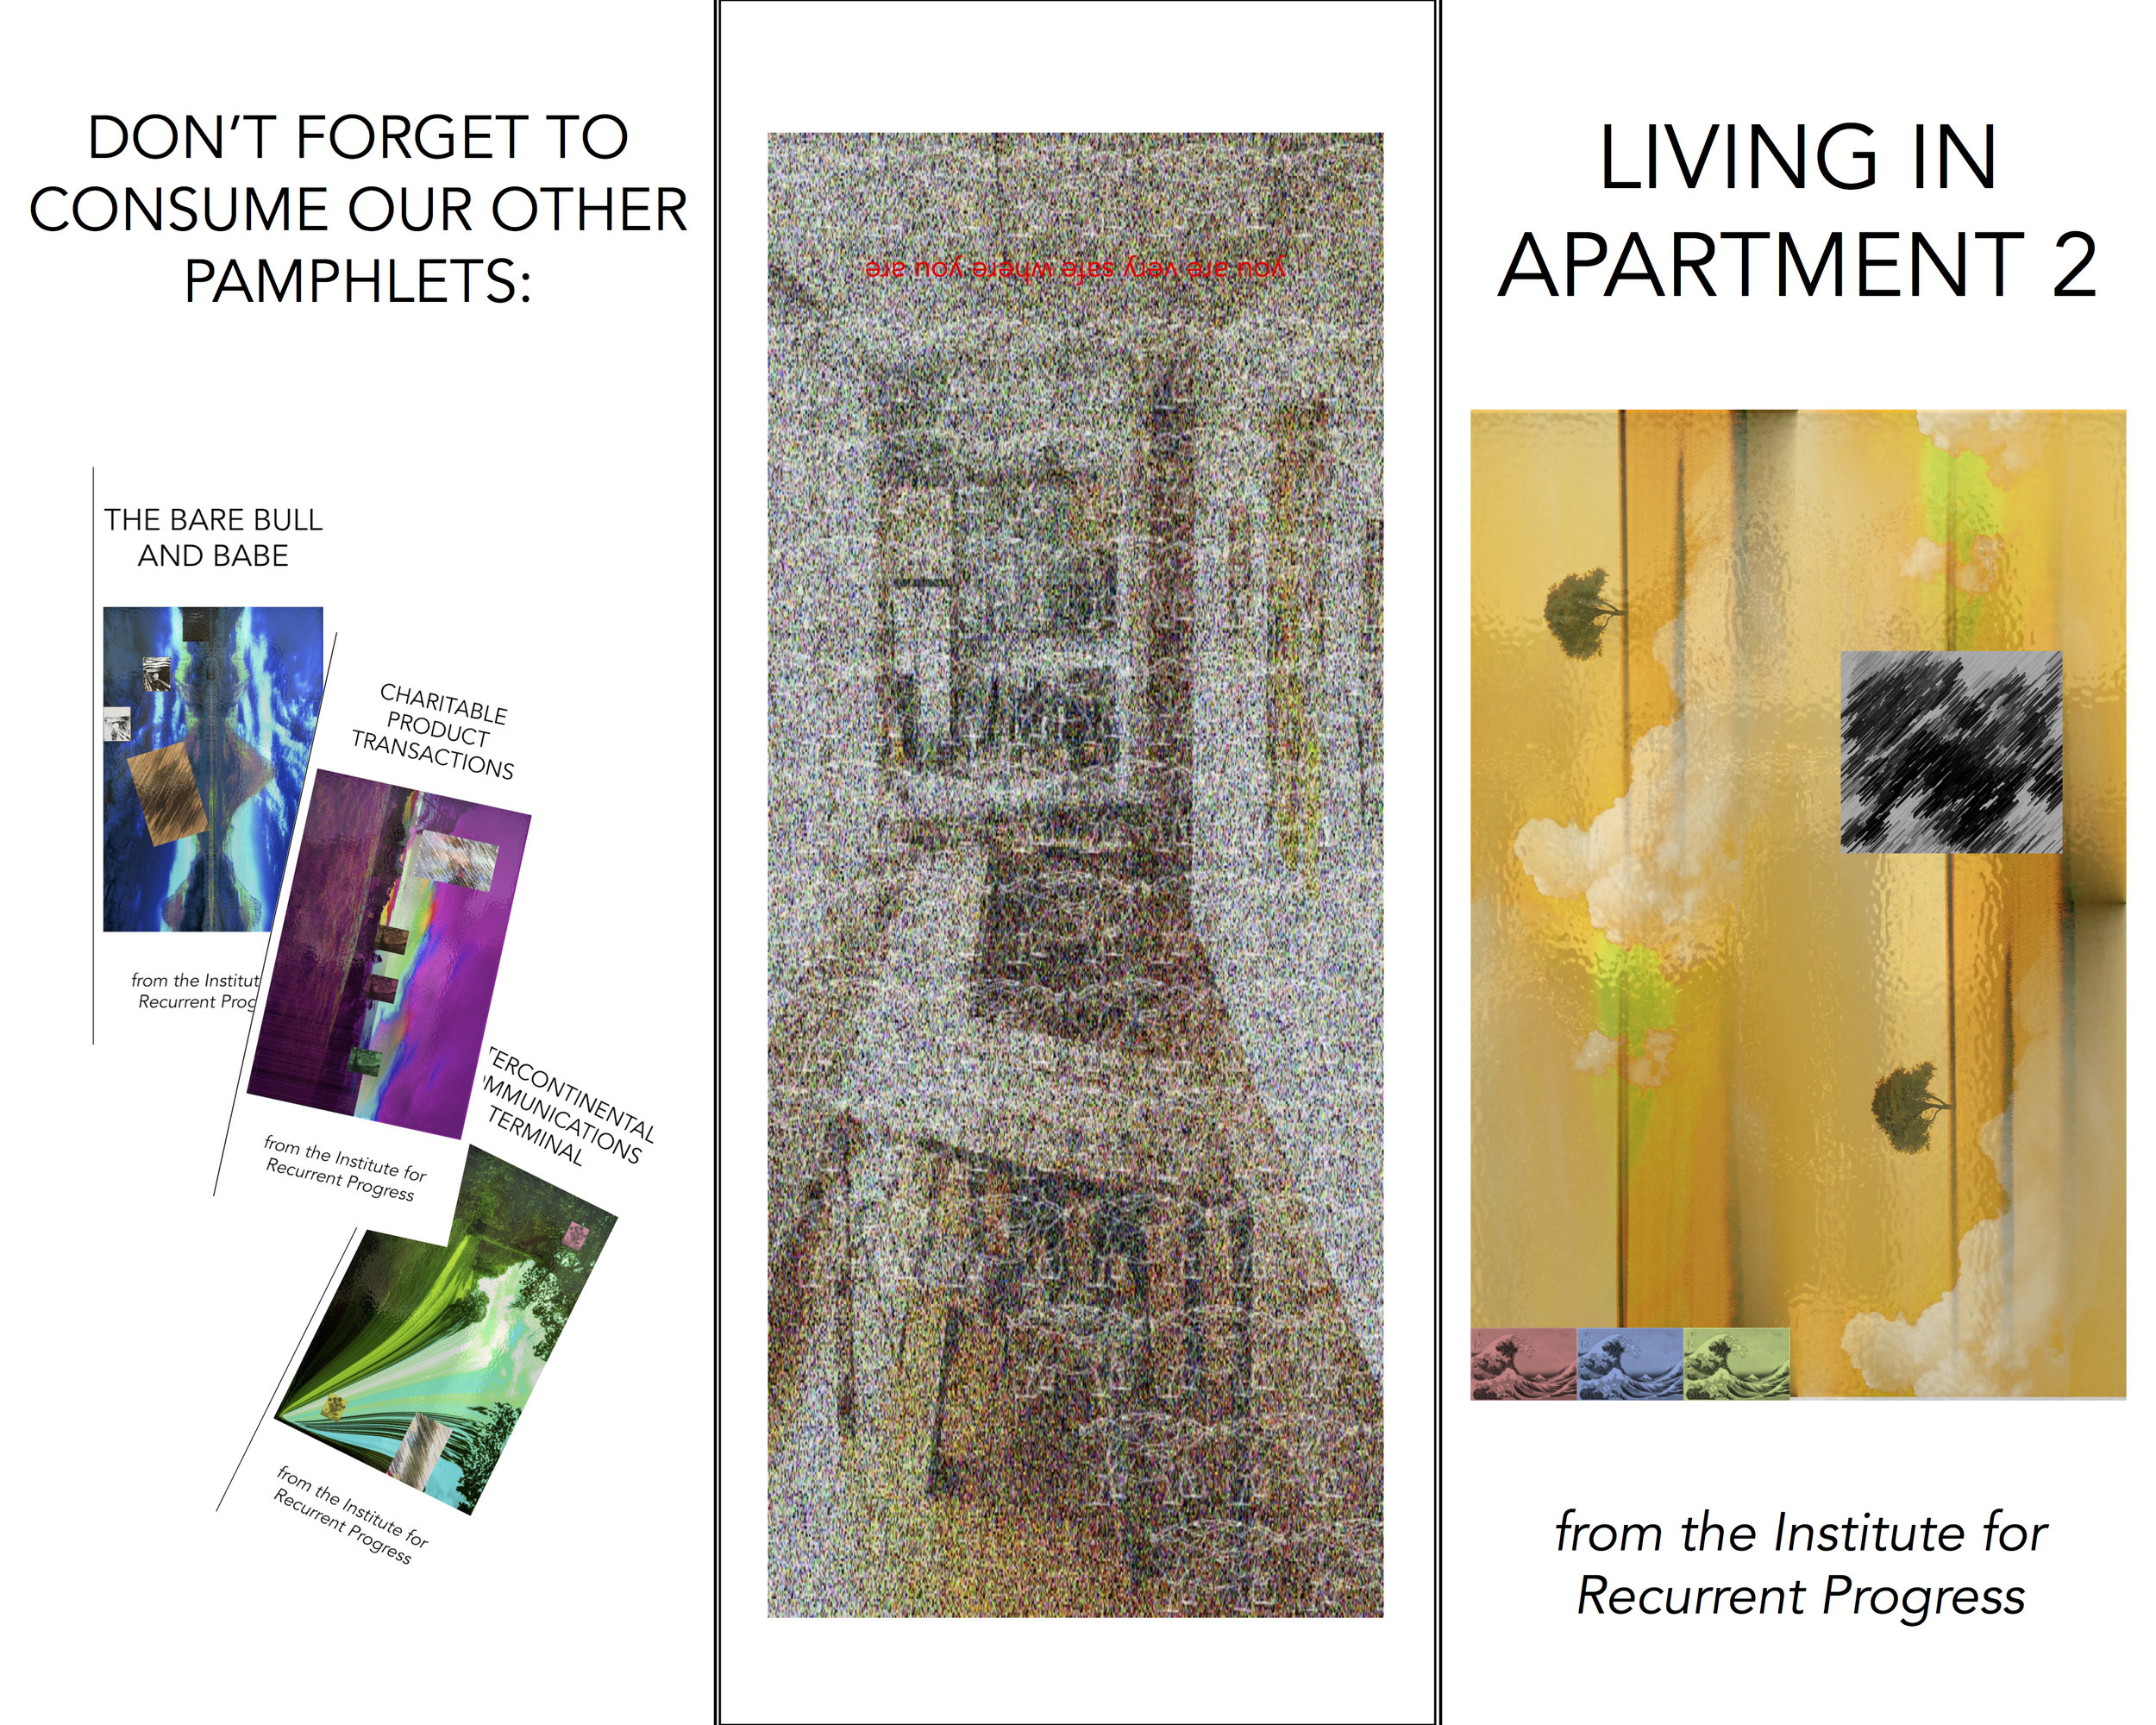 Living in Apartment 2 (exterior)